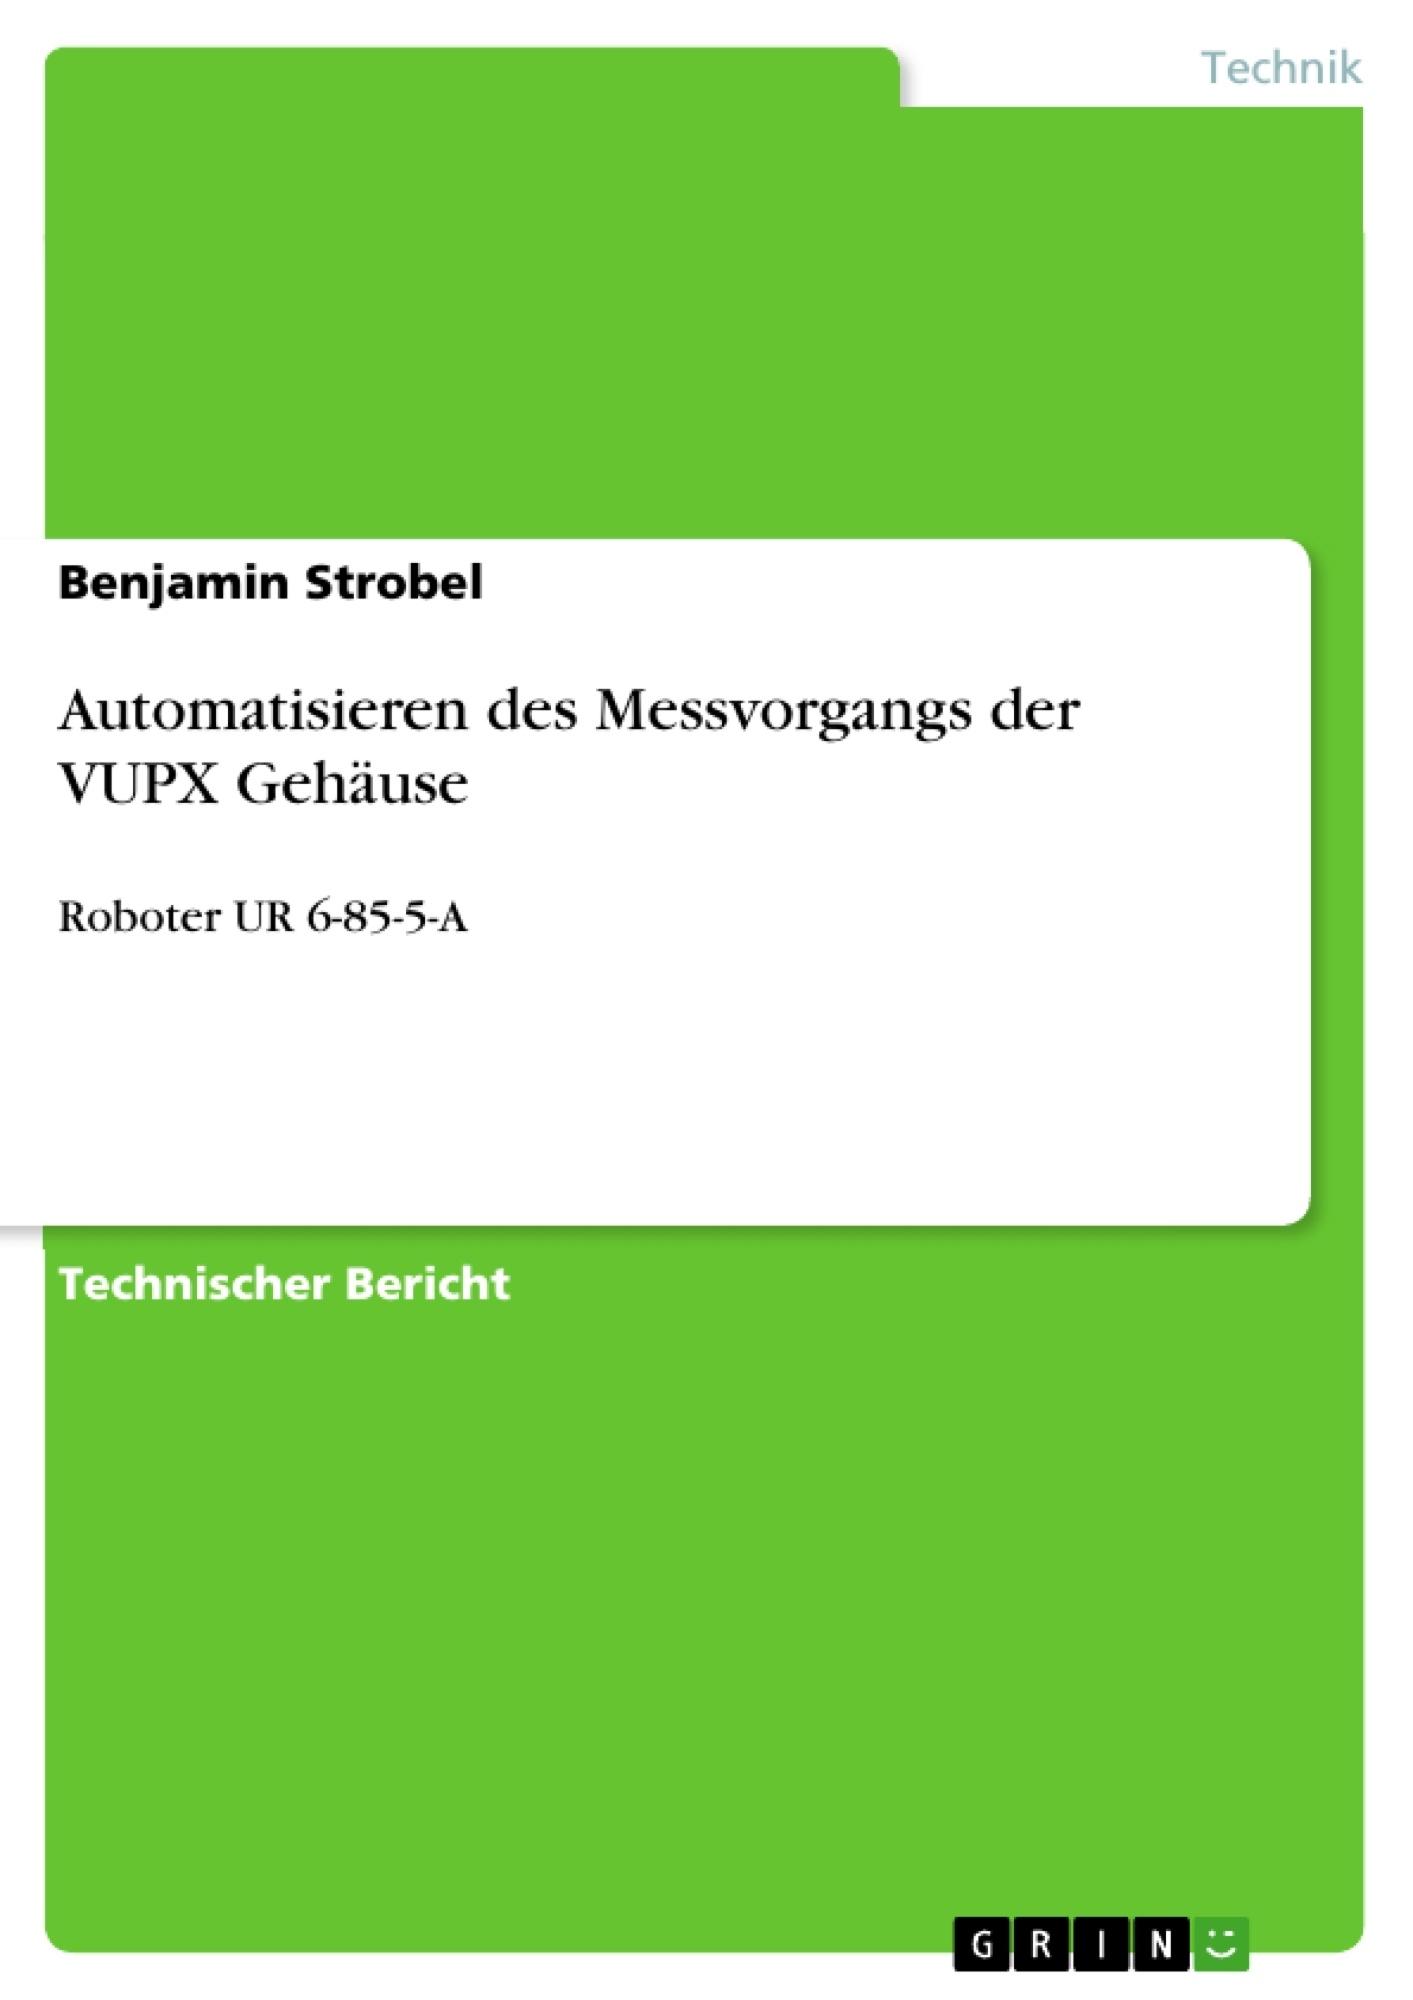 Titel: Automatisieren des Messvorgangs der VUPX Gehäuse